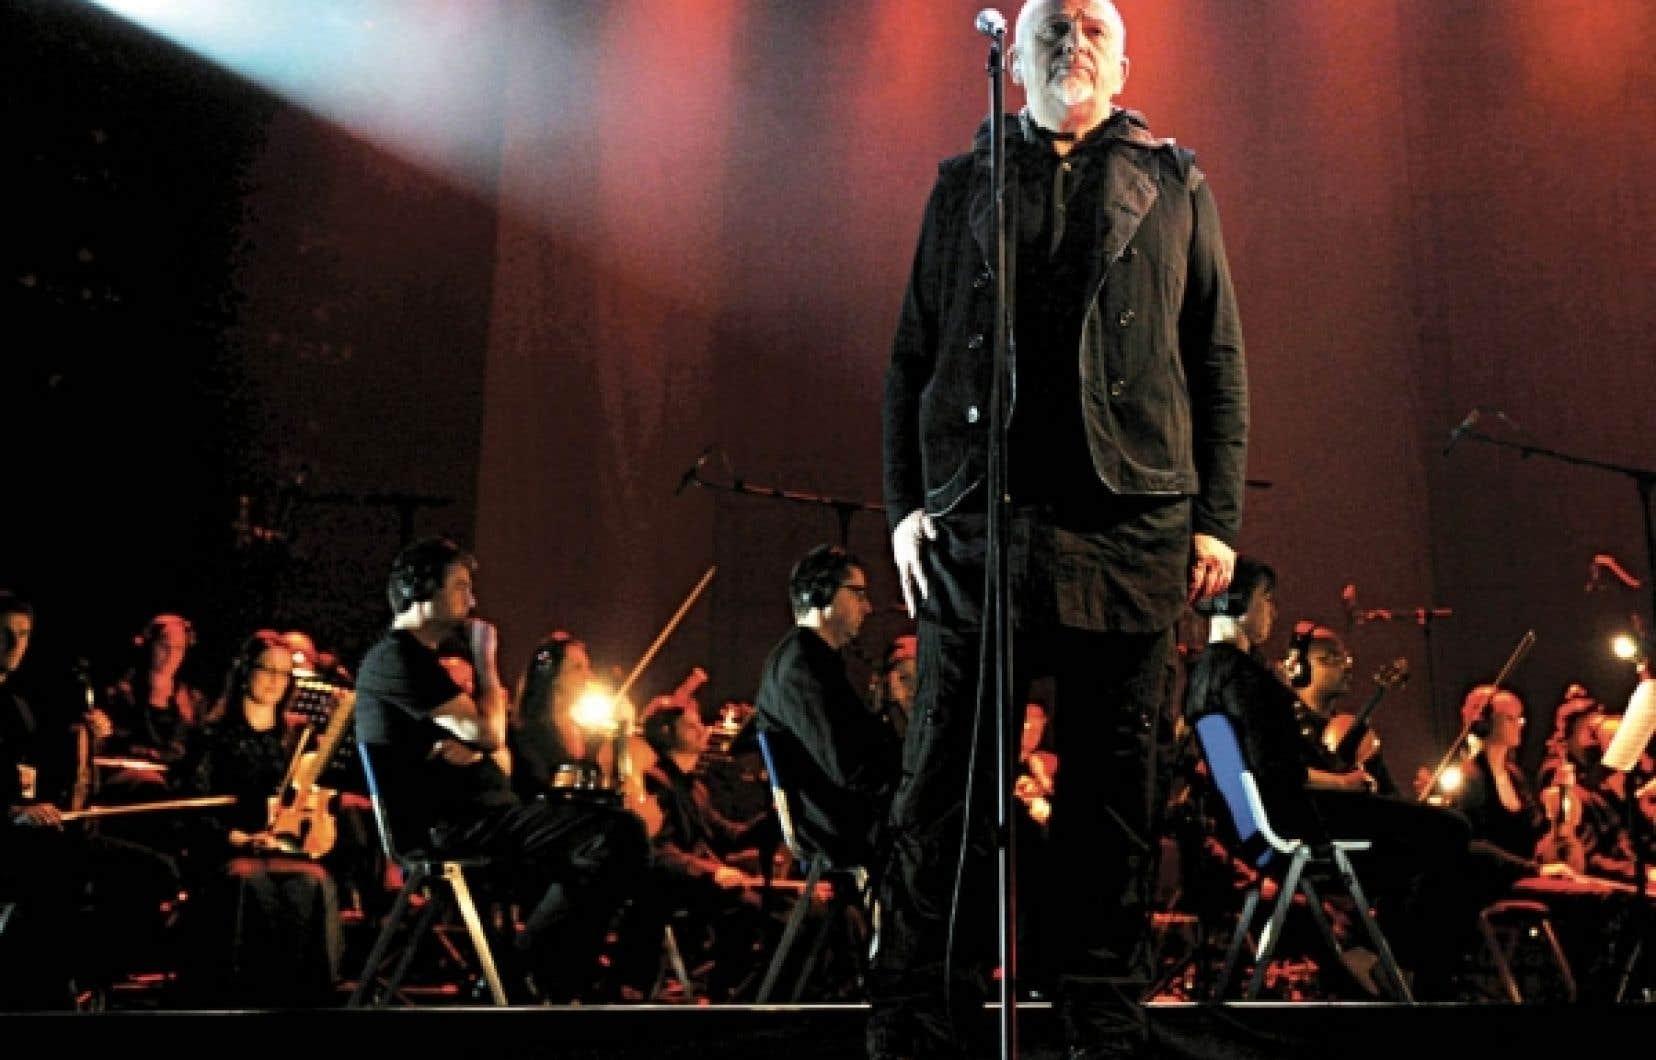 La voix vibrante et forte d'un homme témoignant de la souffrance du monde, avec un orchestre de 54 musiciens pour en accentuer ou en dénuder le propos.